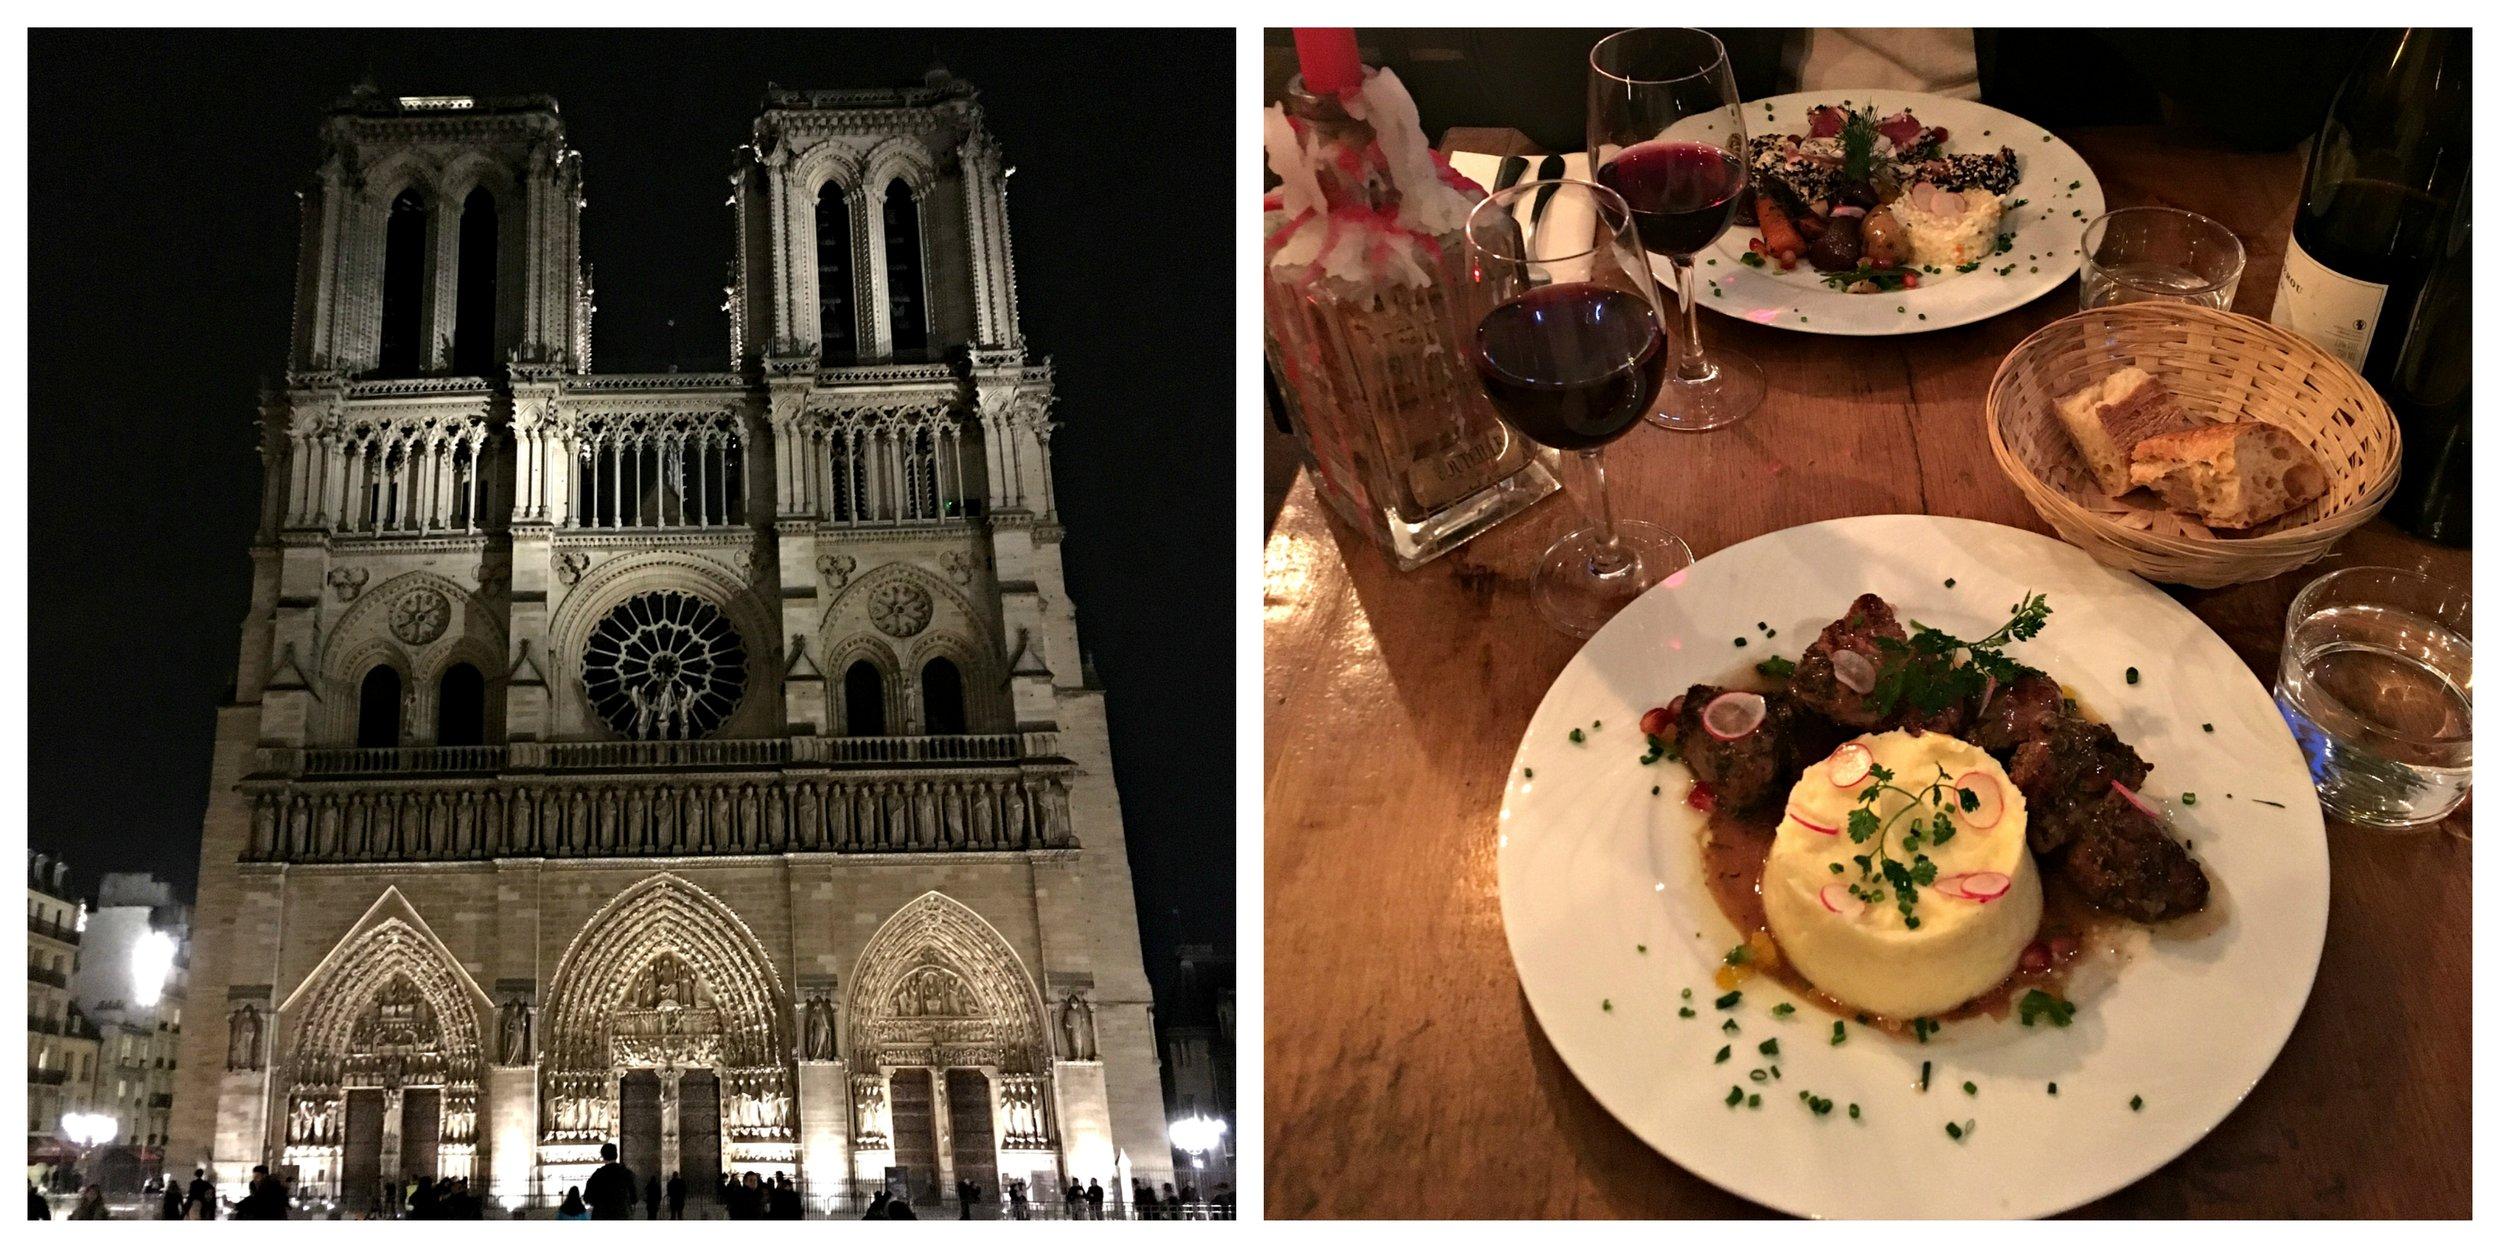 annaporter-top-5-places-in-paris-commechaitoi-restaurant-collage.jpg